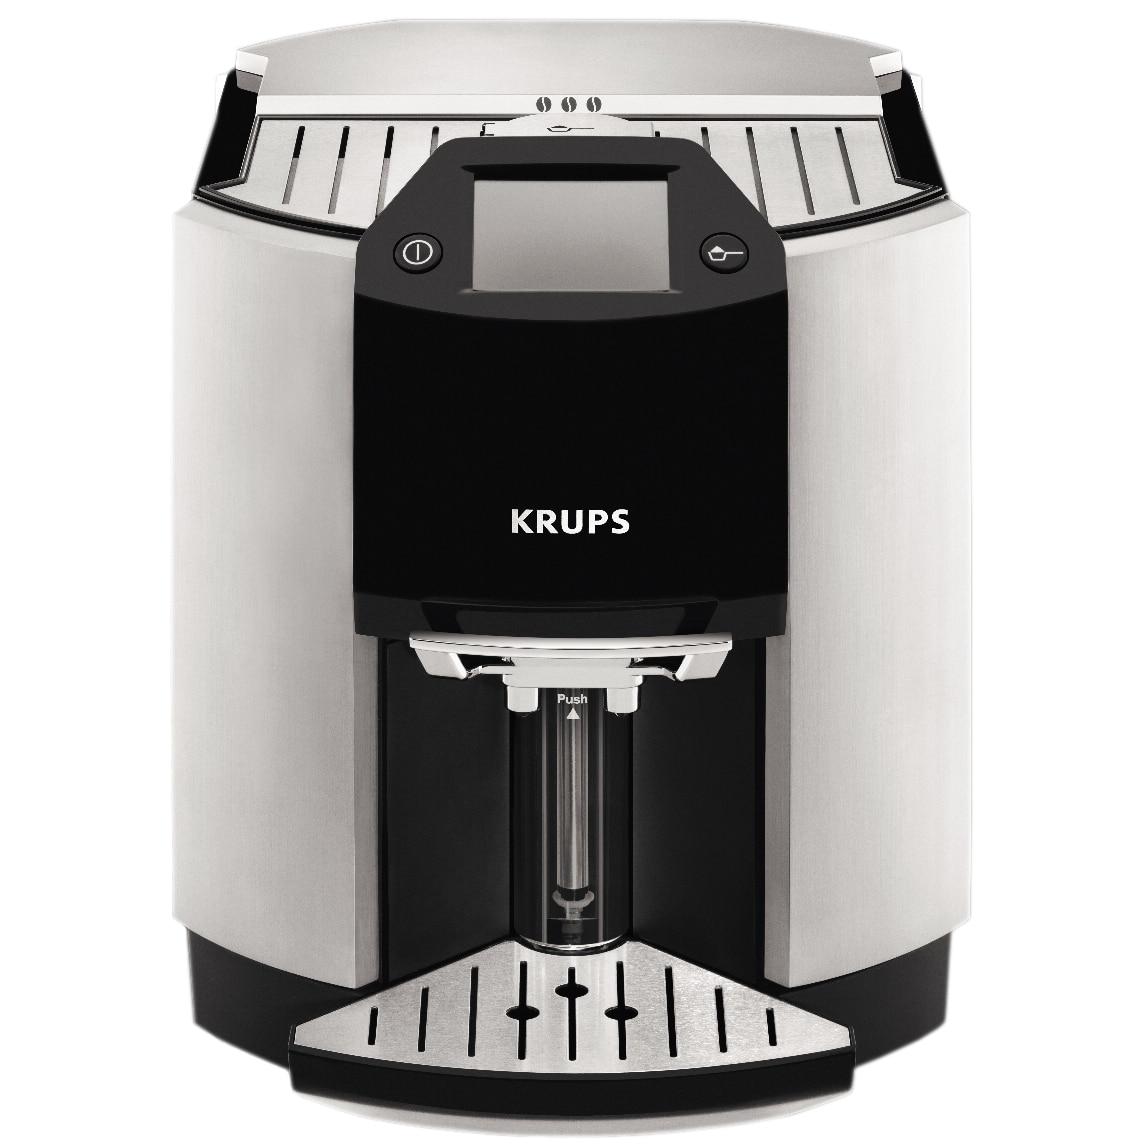 Fotografie Espressor automat Krups Barista EA901030, 15 bar, 1.7 l, Argintiu